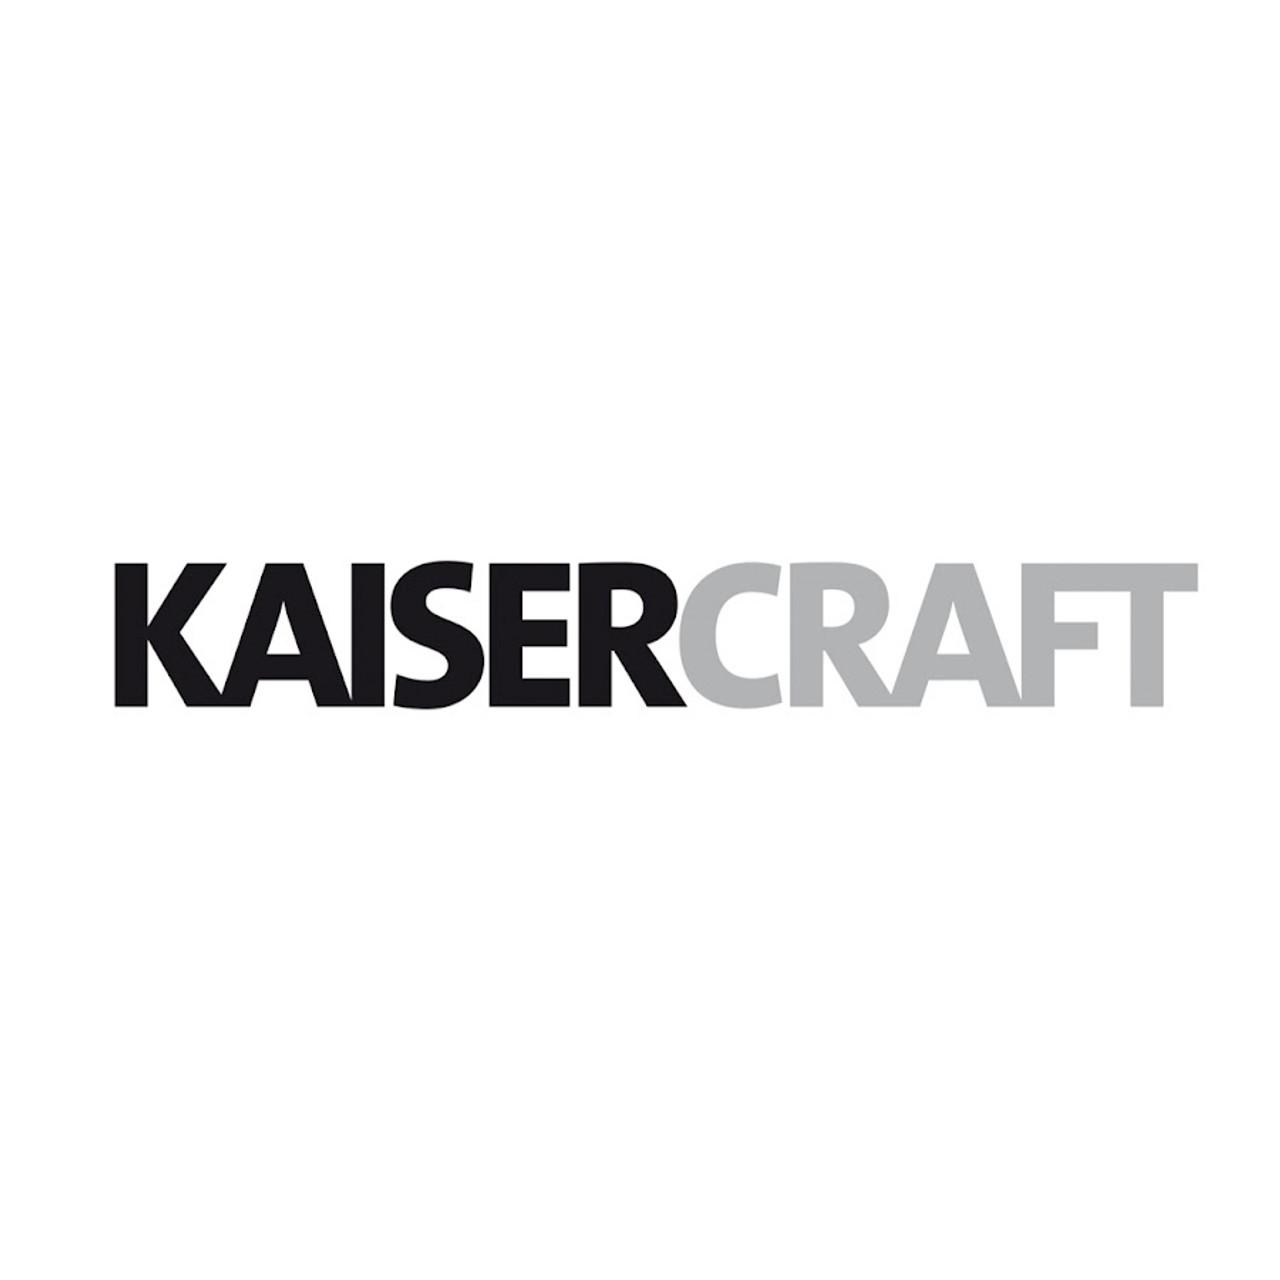 Kaiser Craft